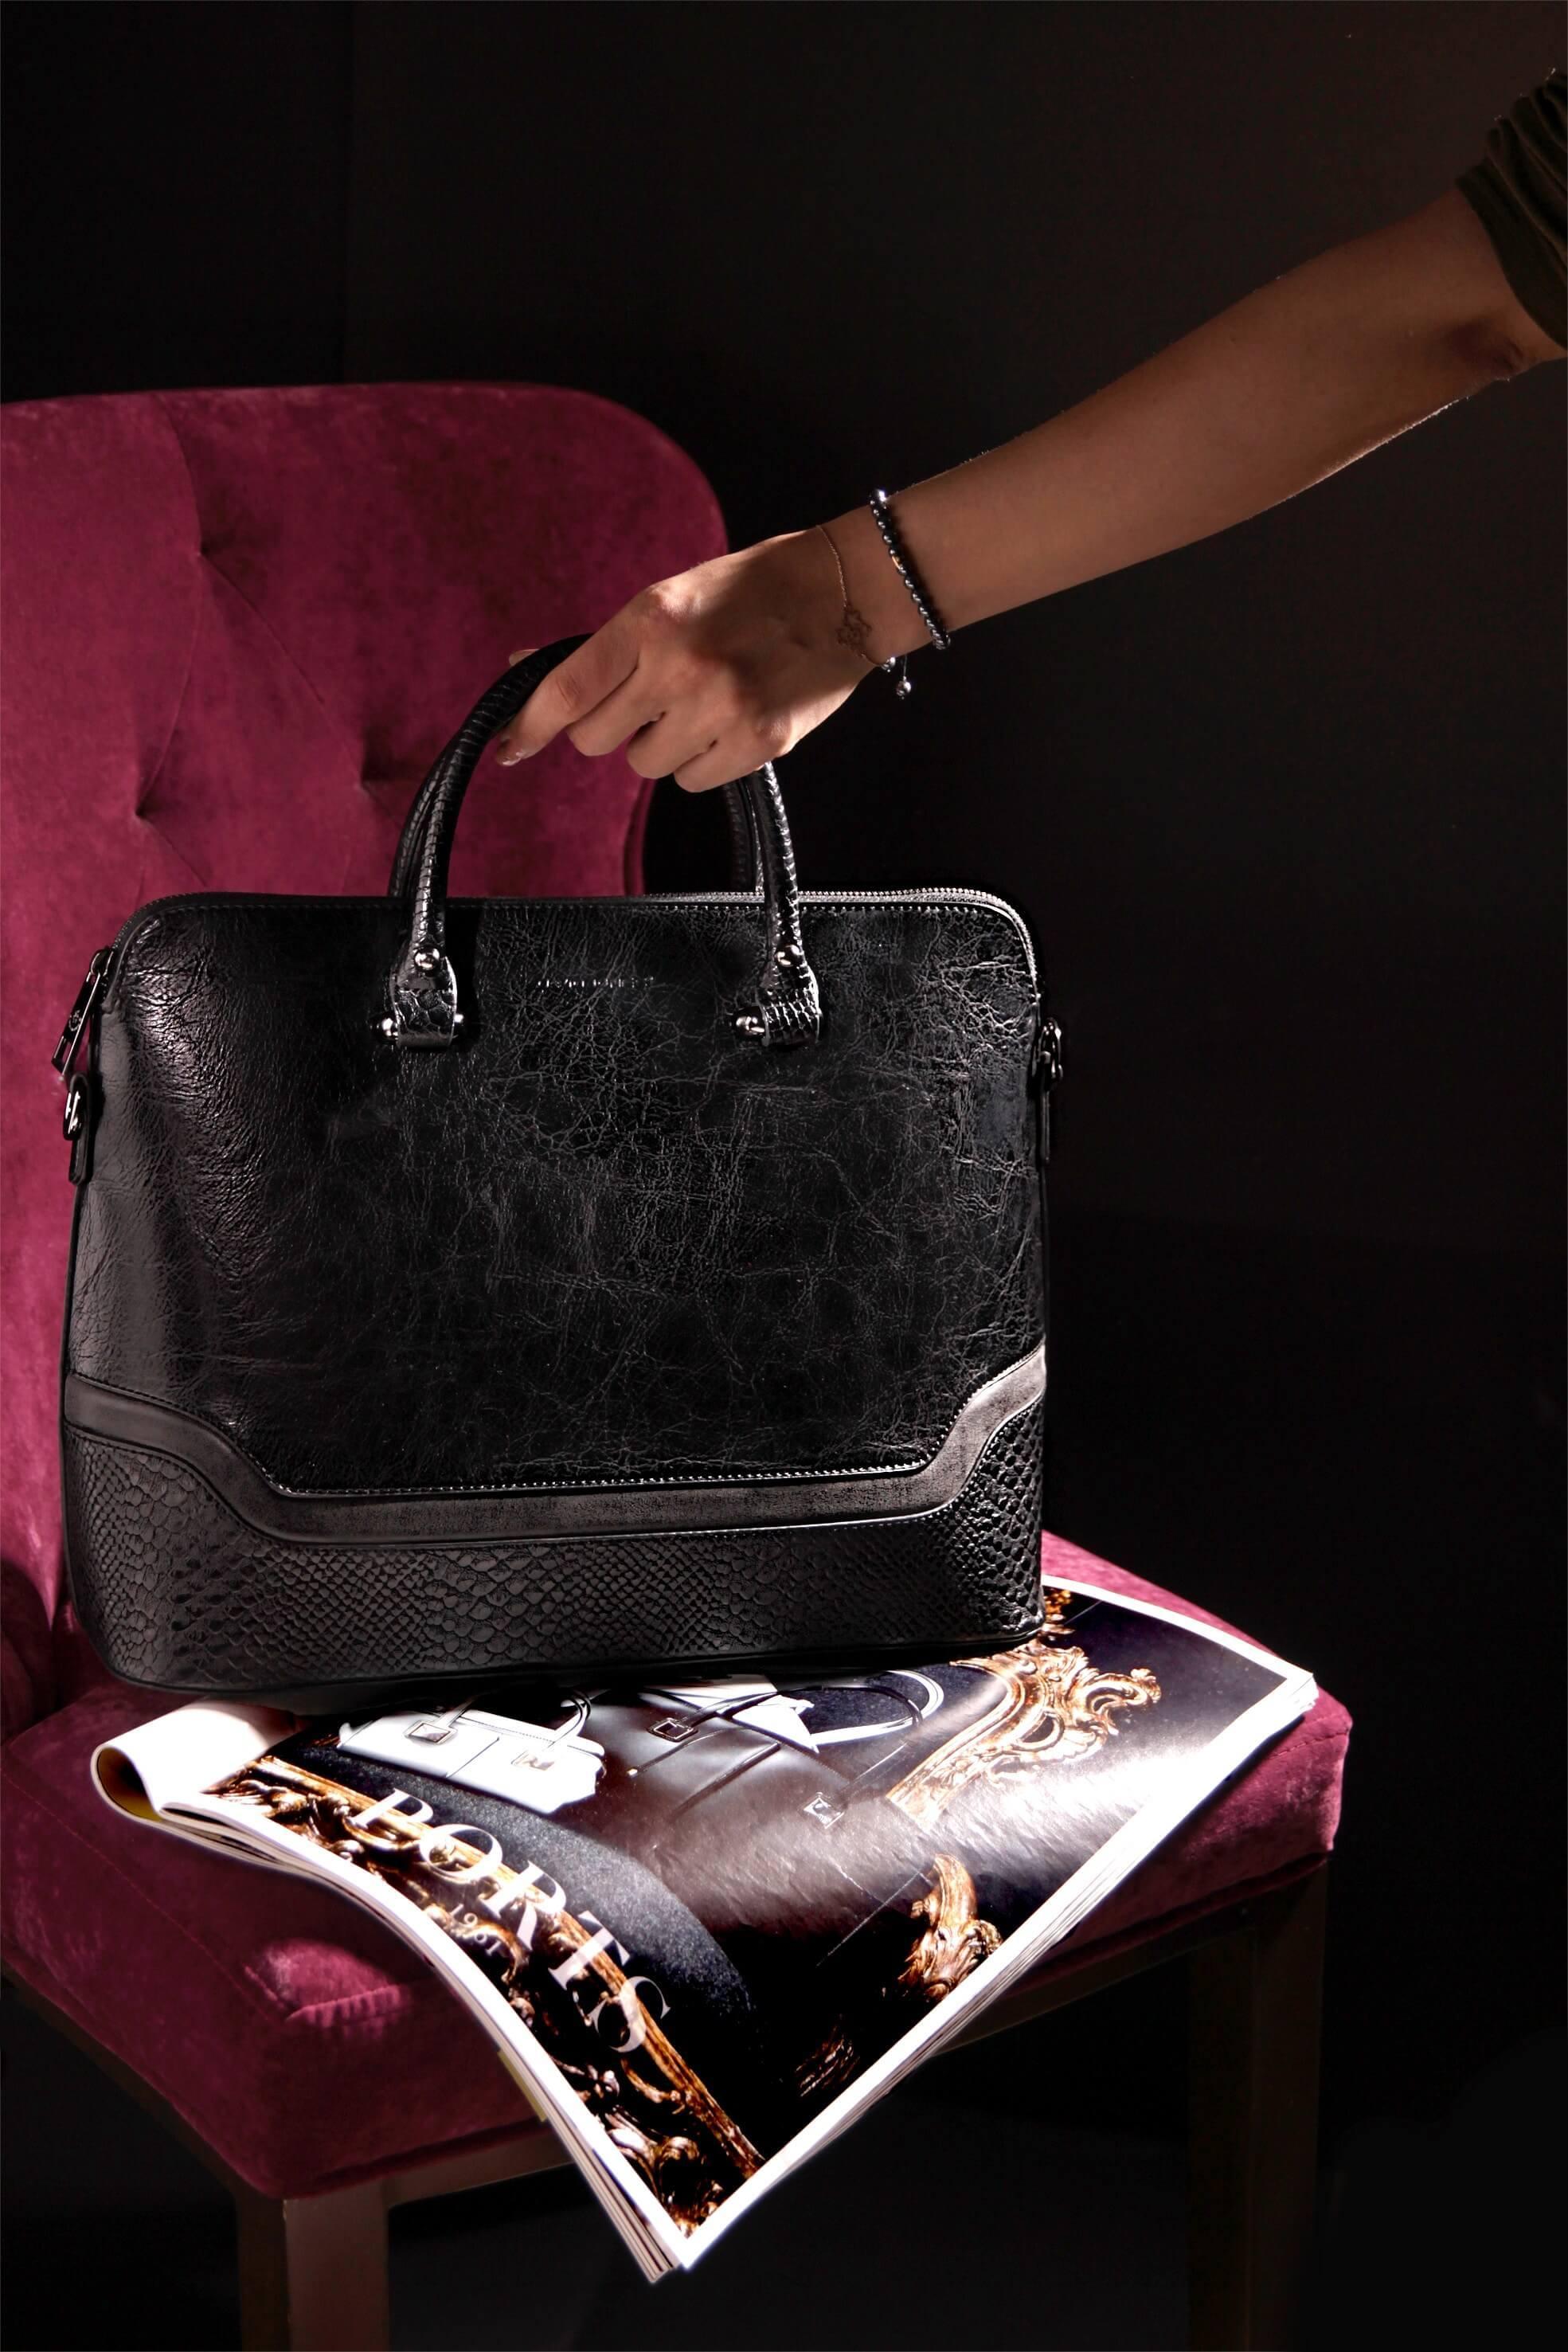 椅子に置かれたセリーヌの黒のトートバッグ